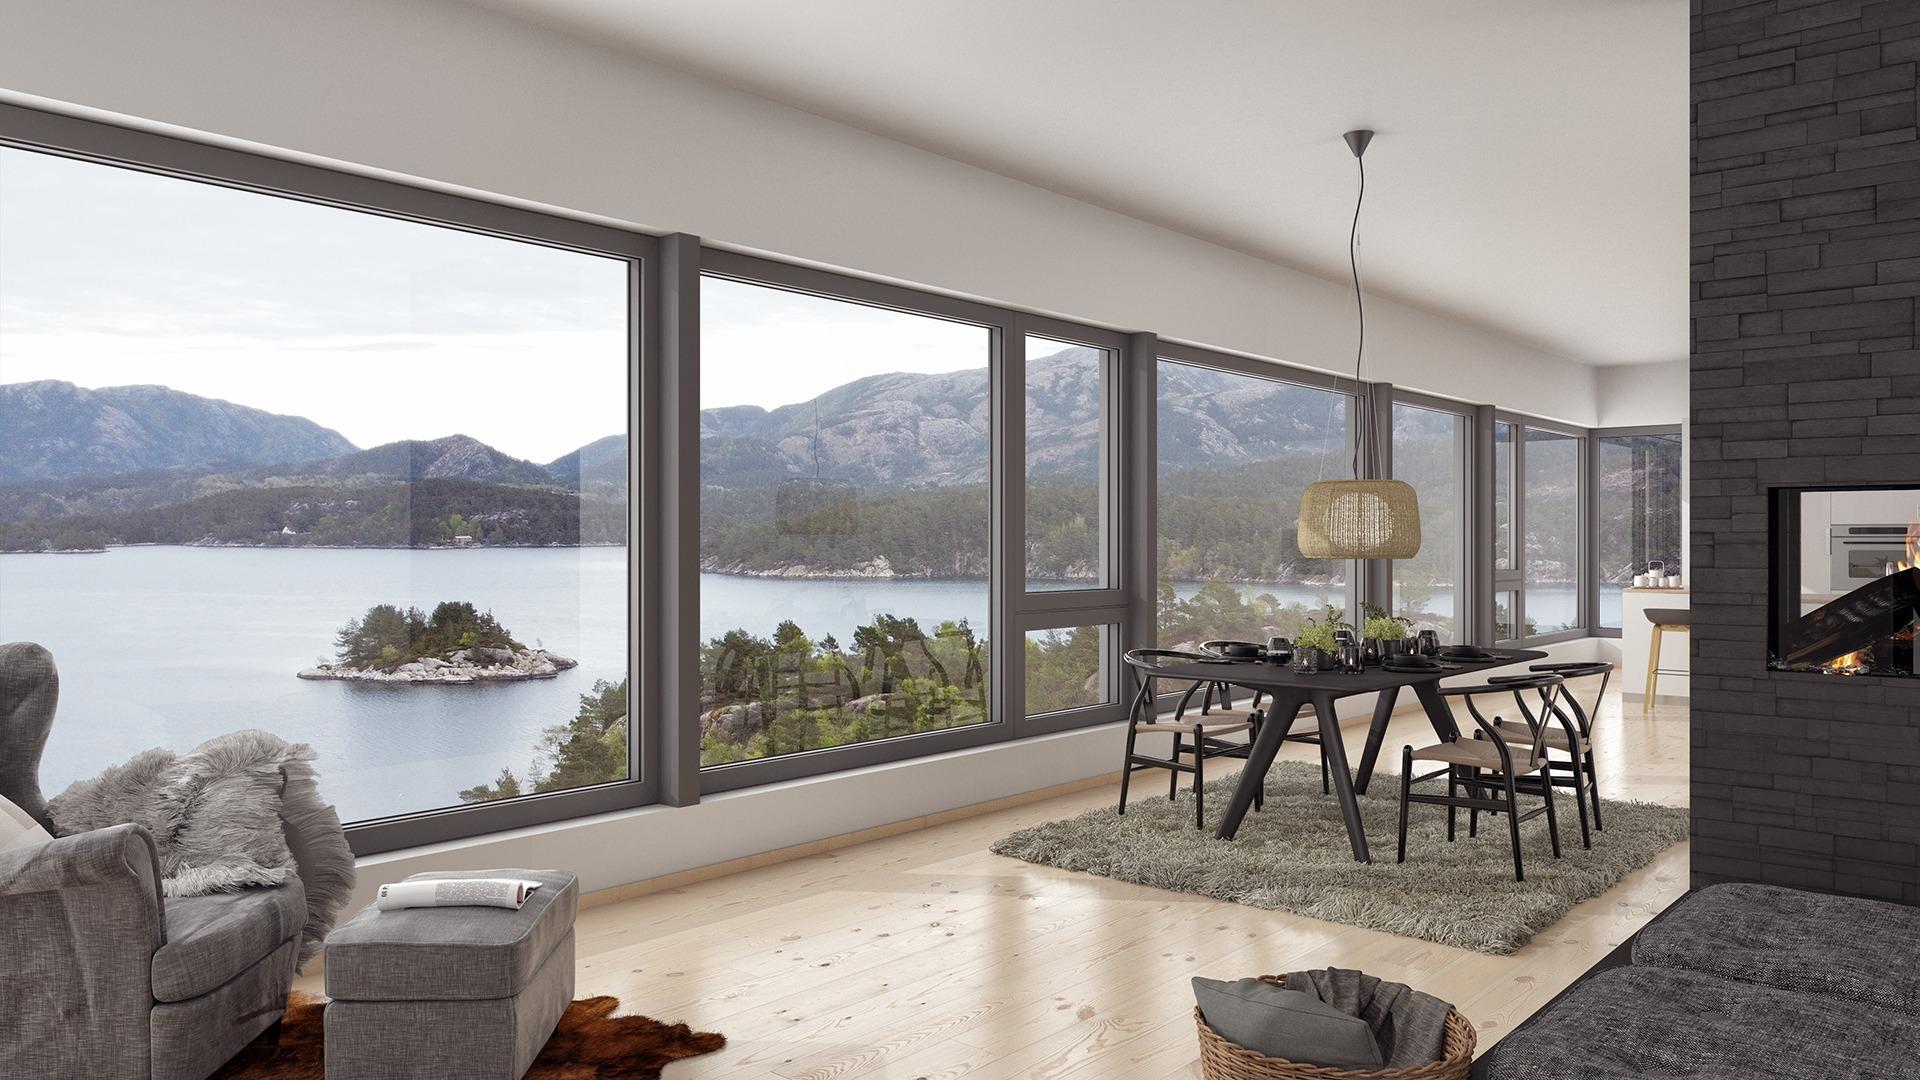 Fra den store stua i andre etasje får du en fantastisk utsikt over fjorden